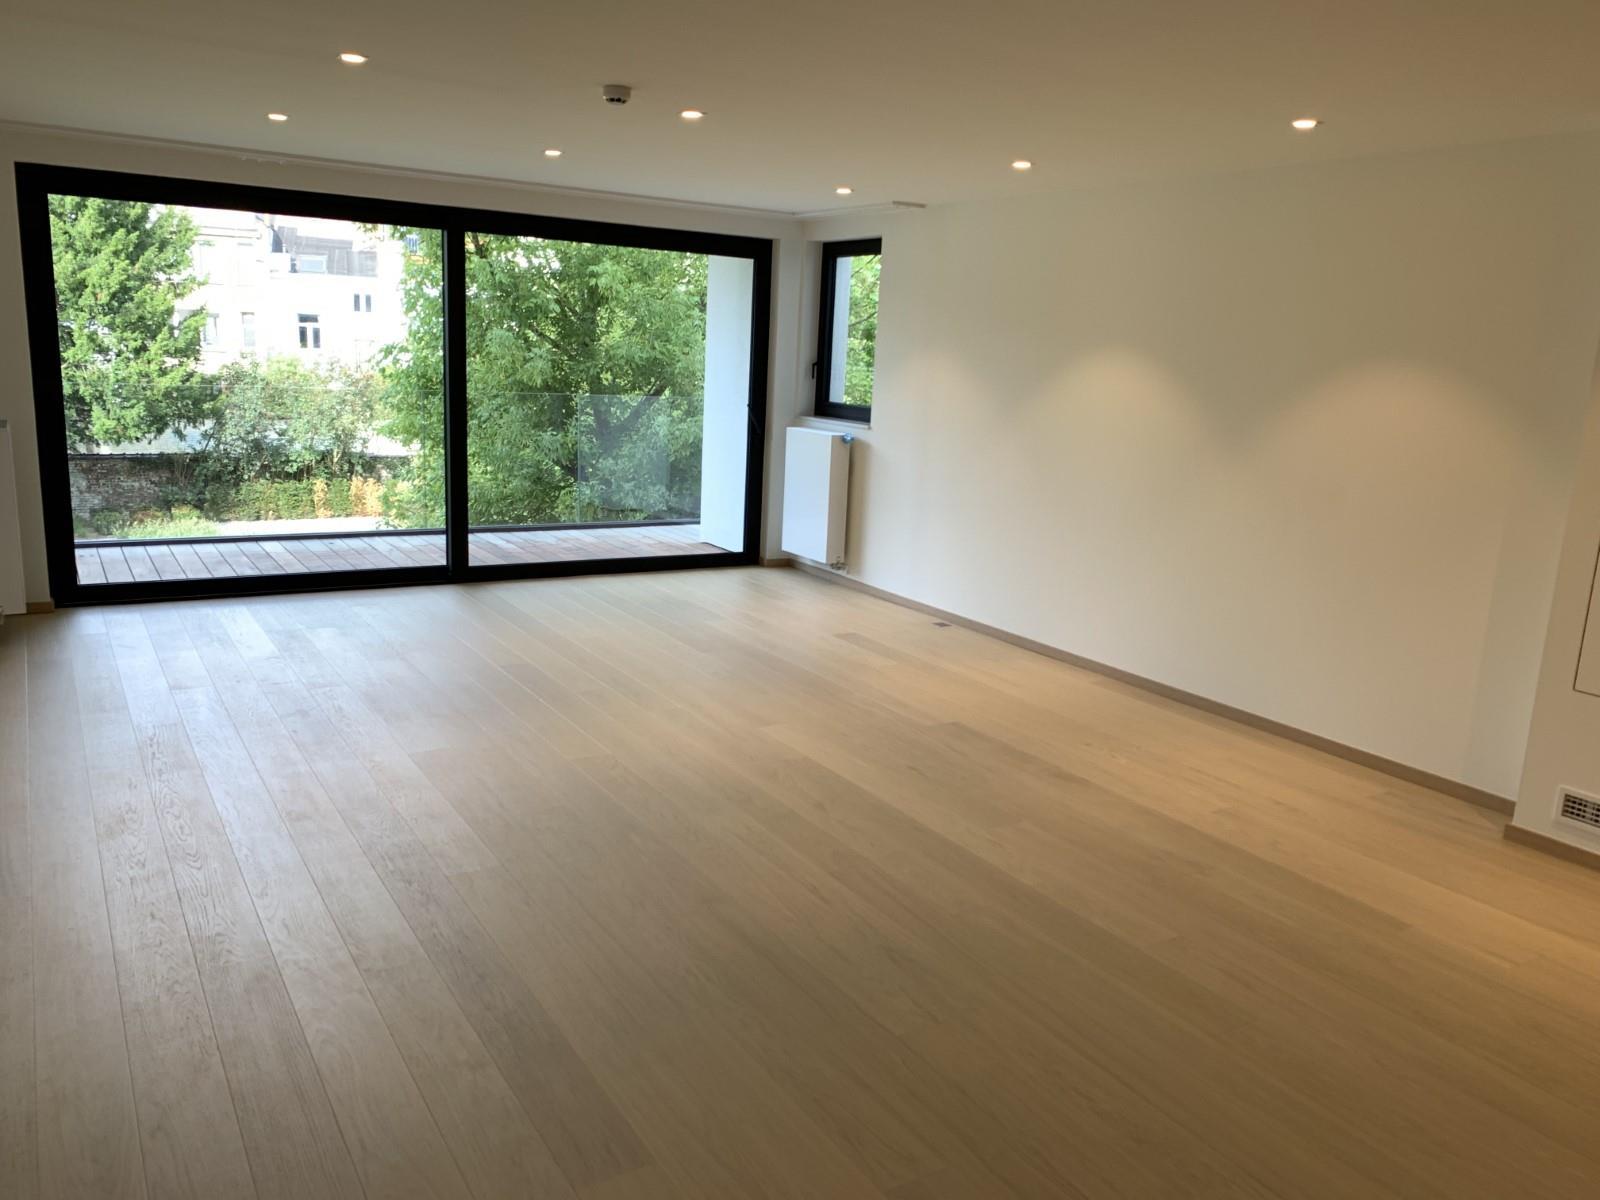 Appartement exceptionnel - Ixelles - #3929618-4